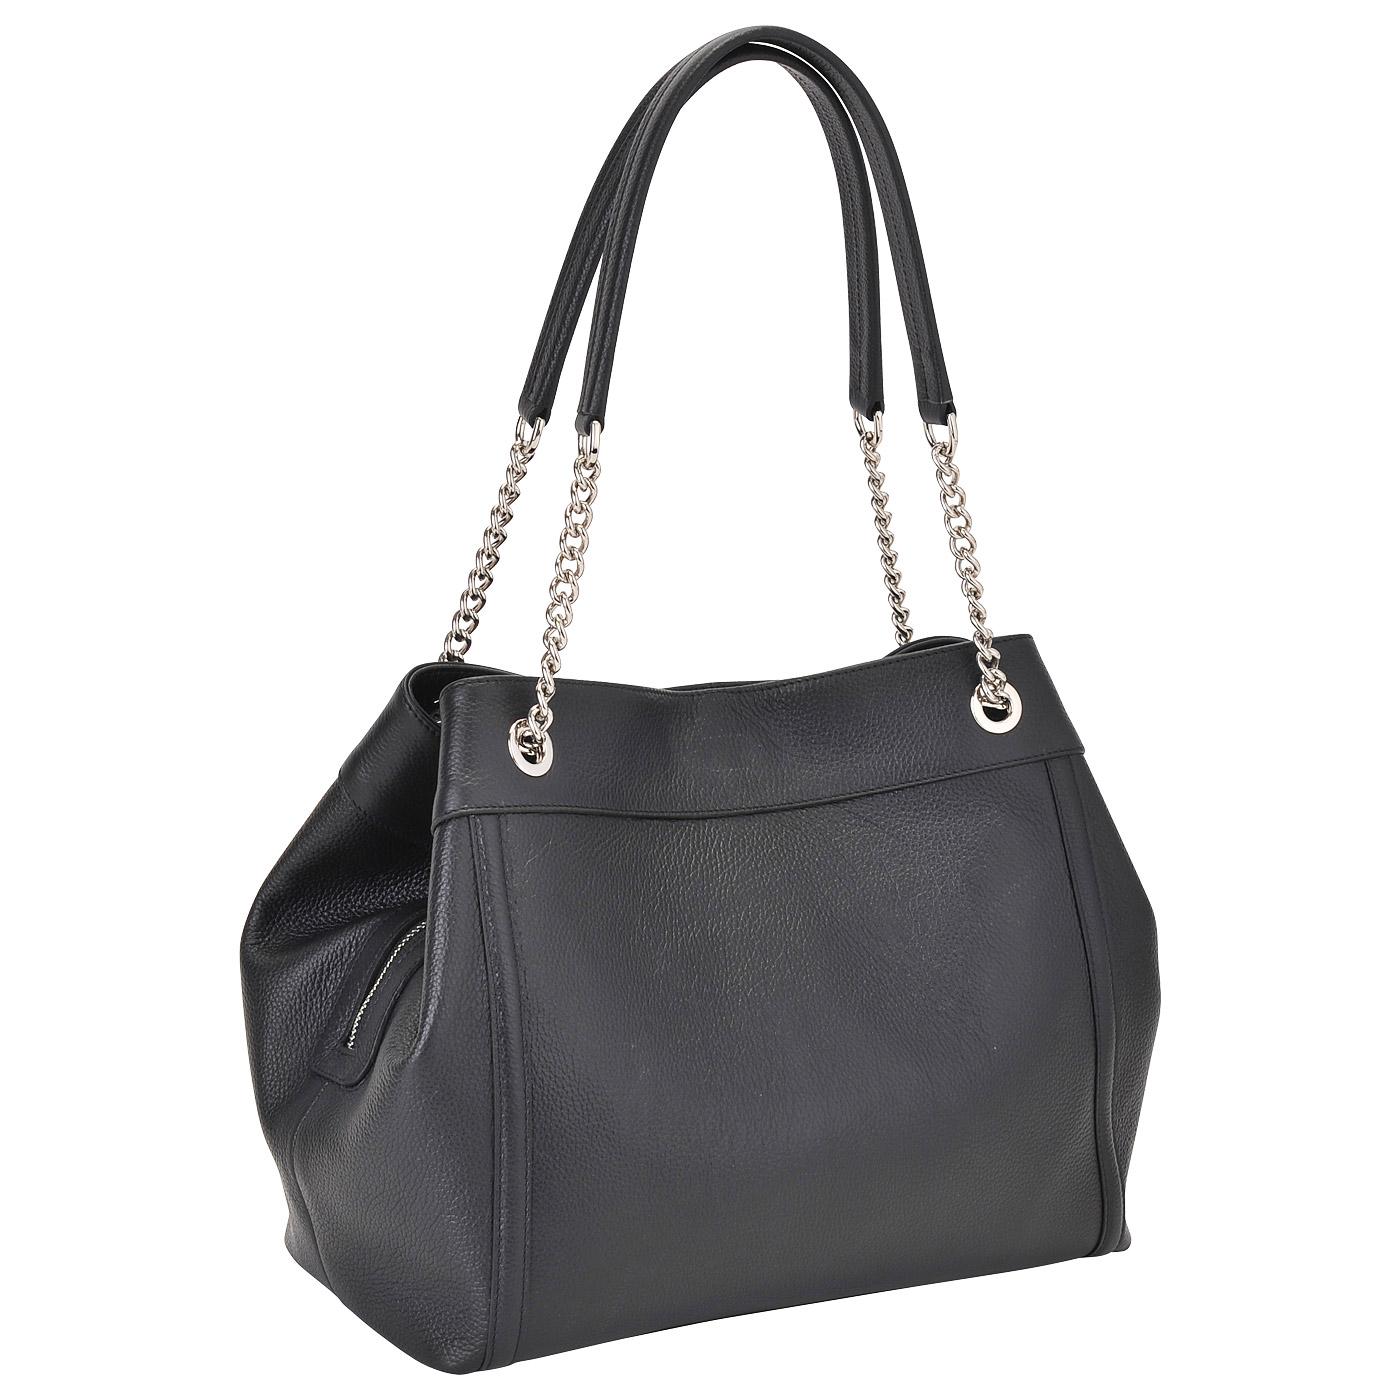 54f276eee87f Женская кожаная сумка Aurelli 16W0045-24S-nero - 2000557678057 ...